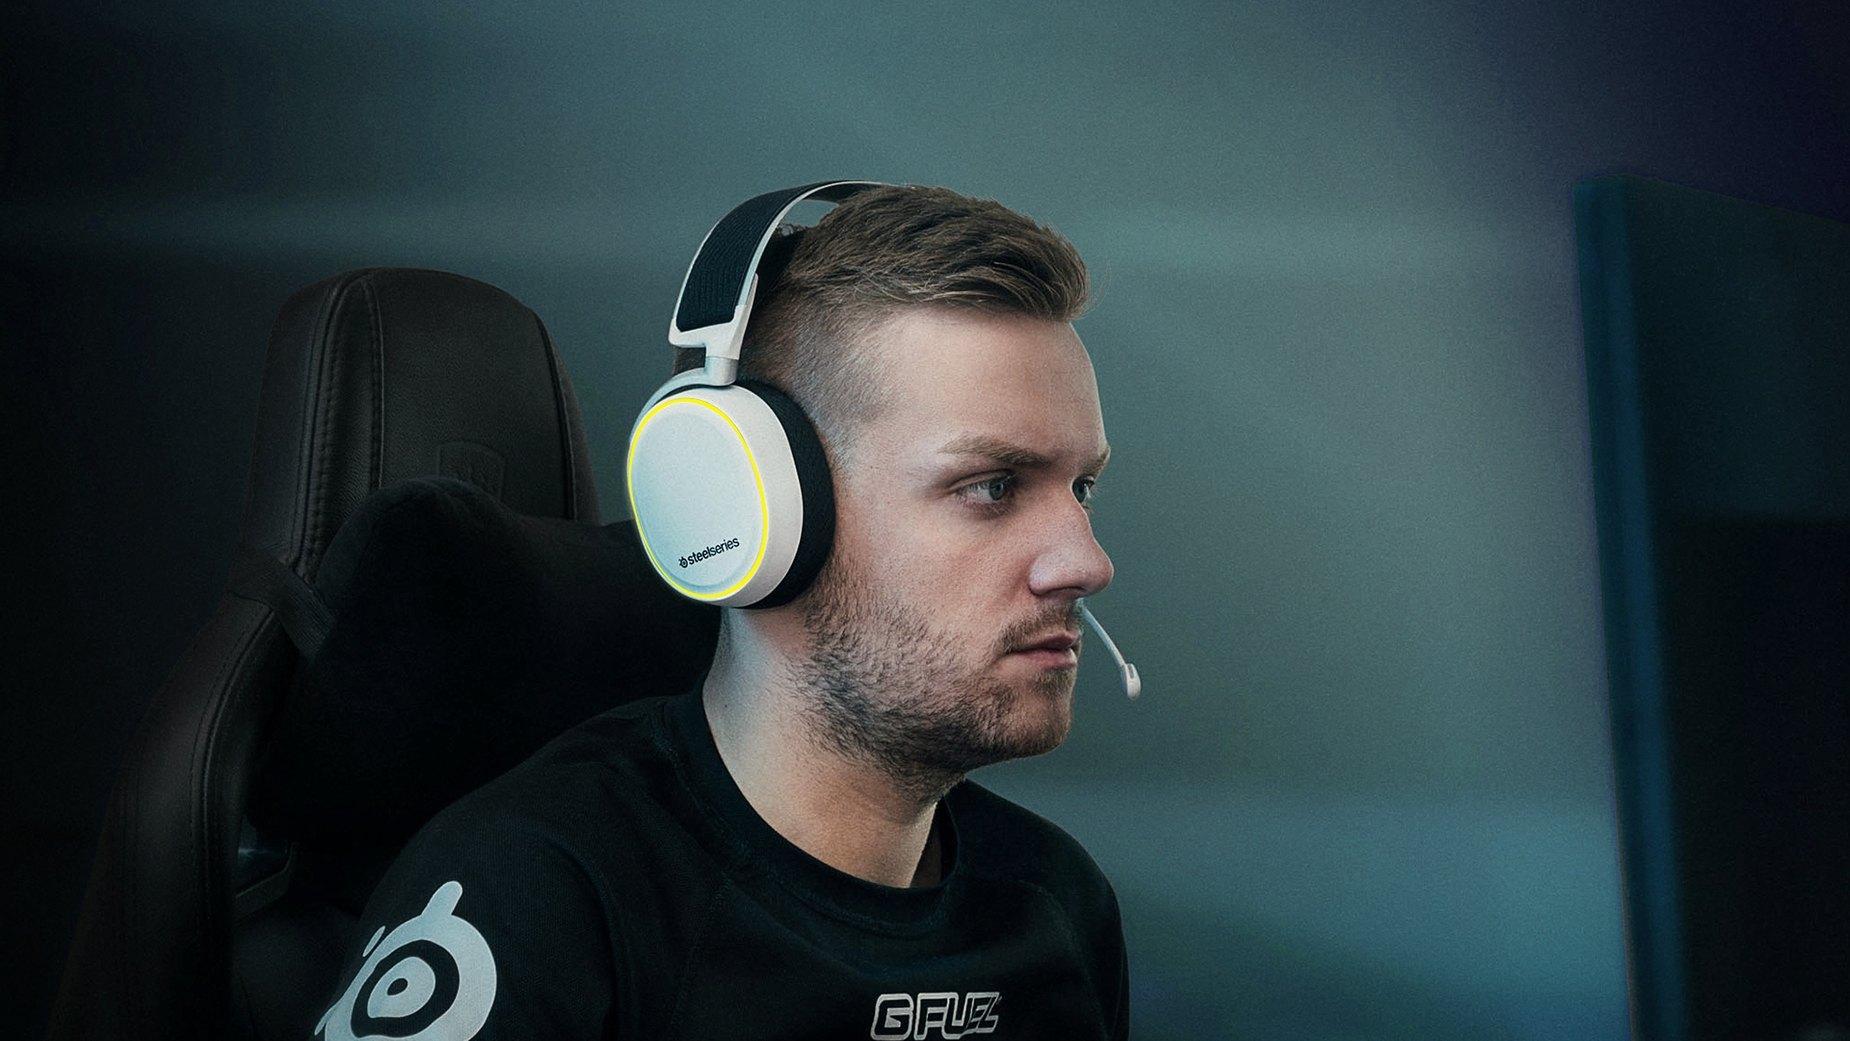 玩家正穿戴 Arctis Pro 白色耳機